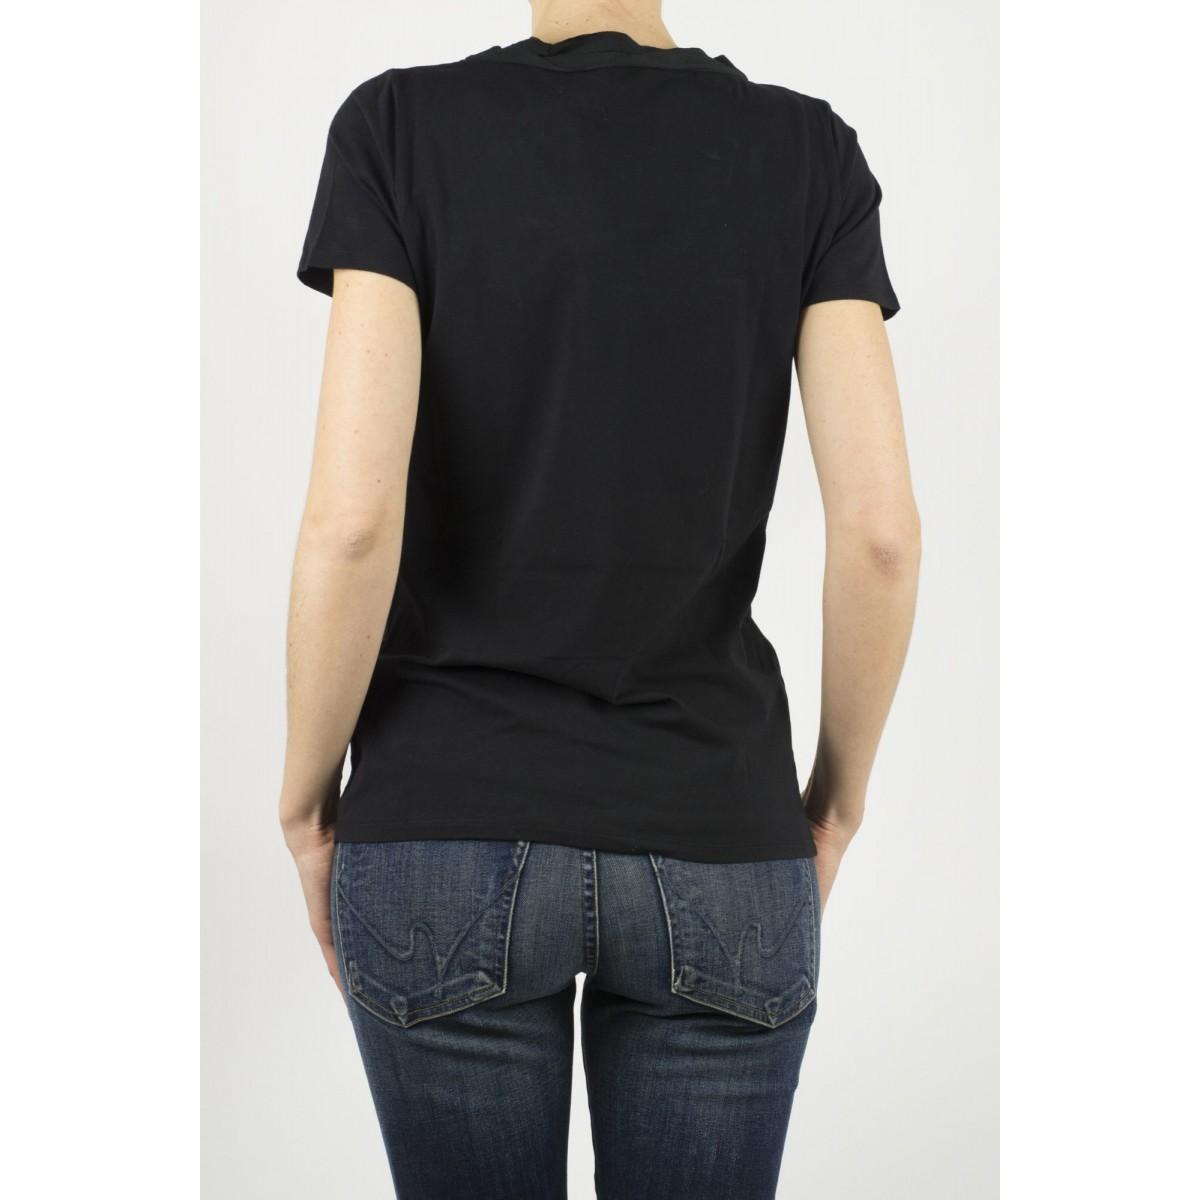 T-Shirt Donna Kangra - 6516/75 13 T-Shirt donna